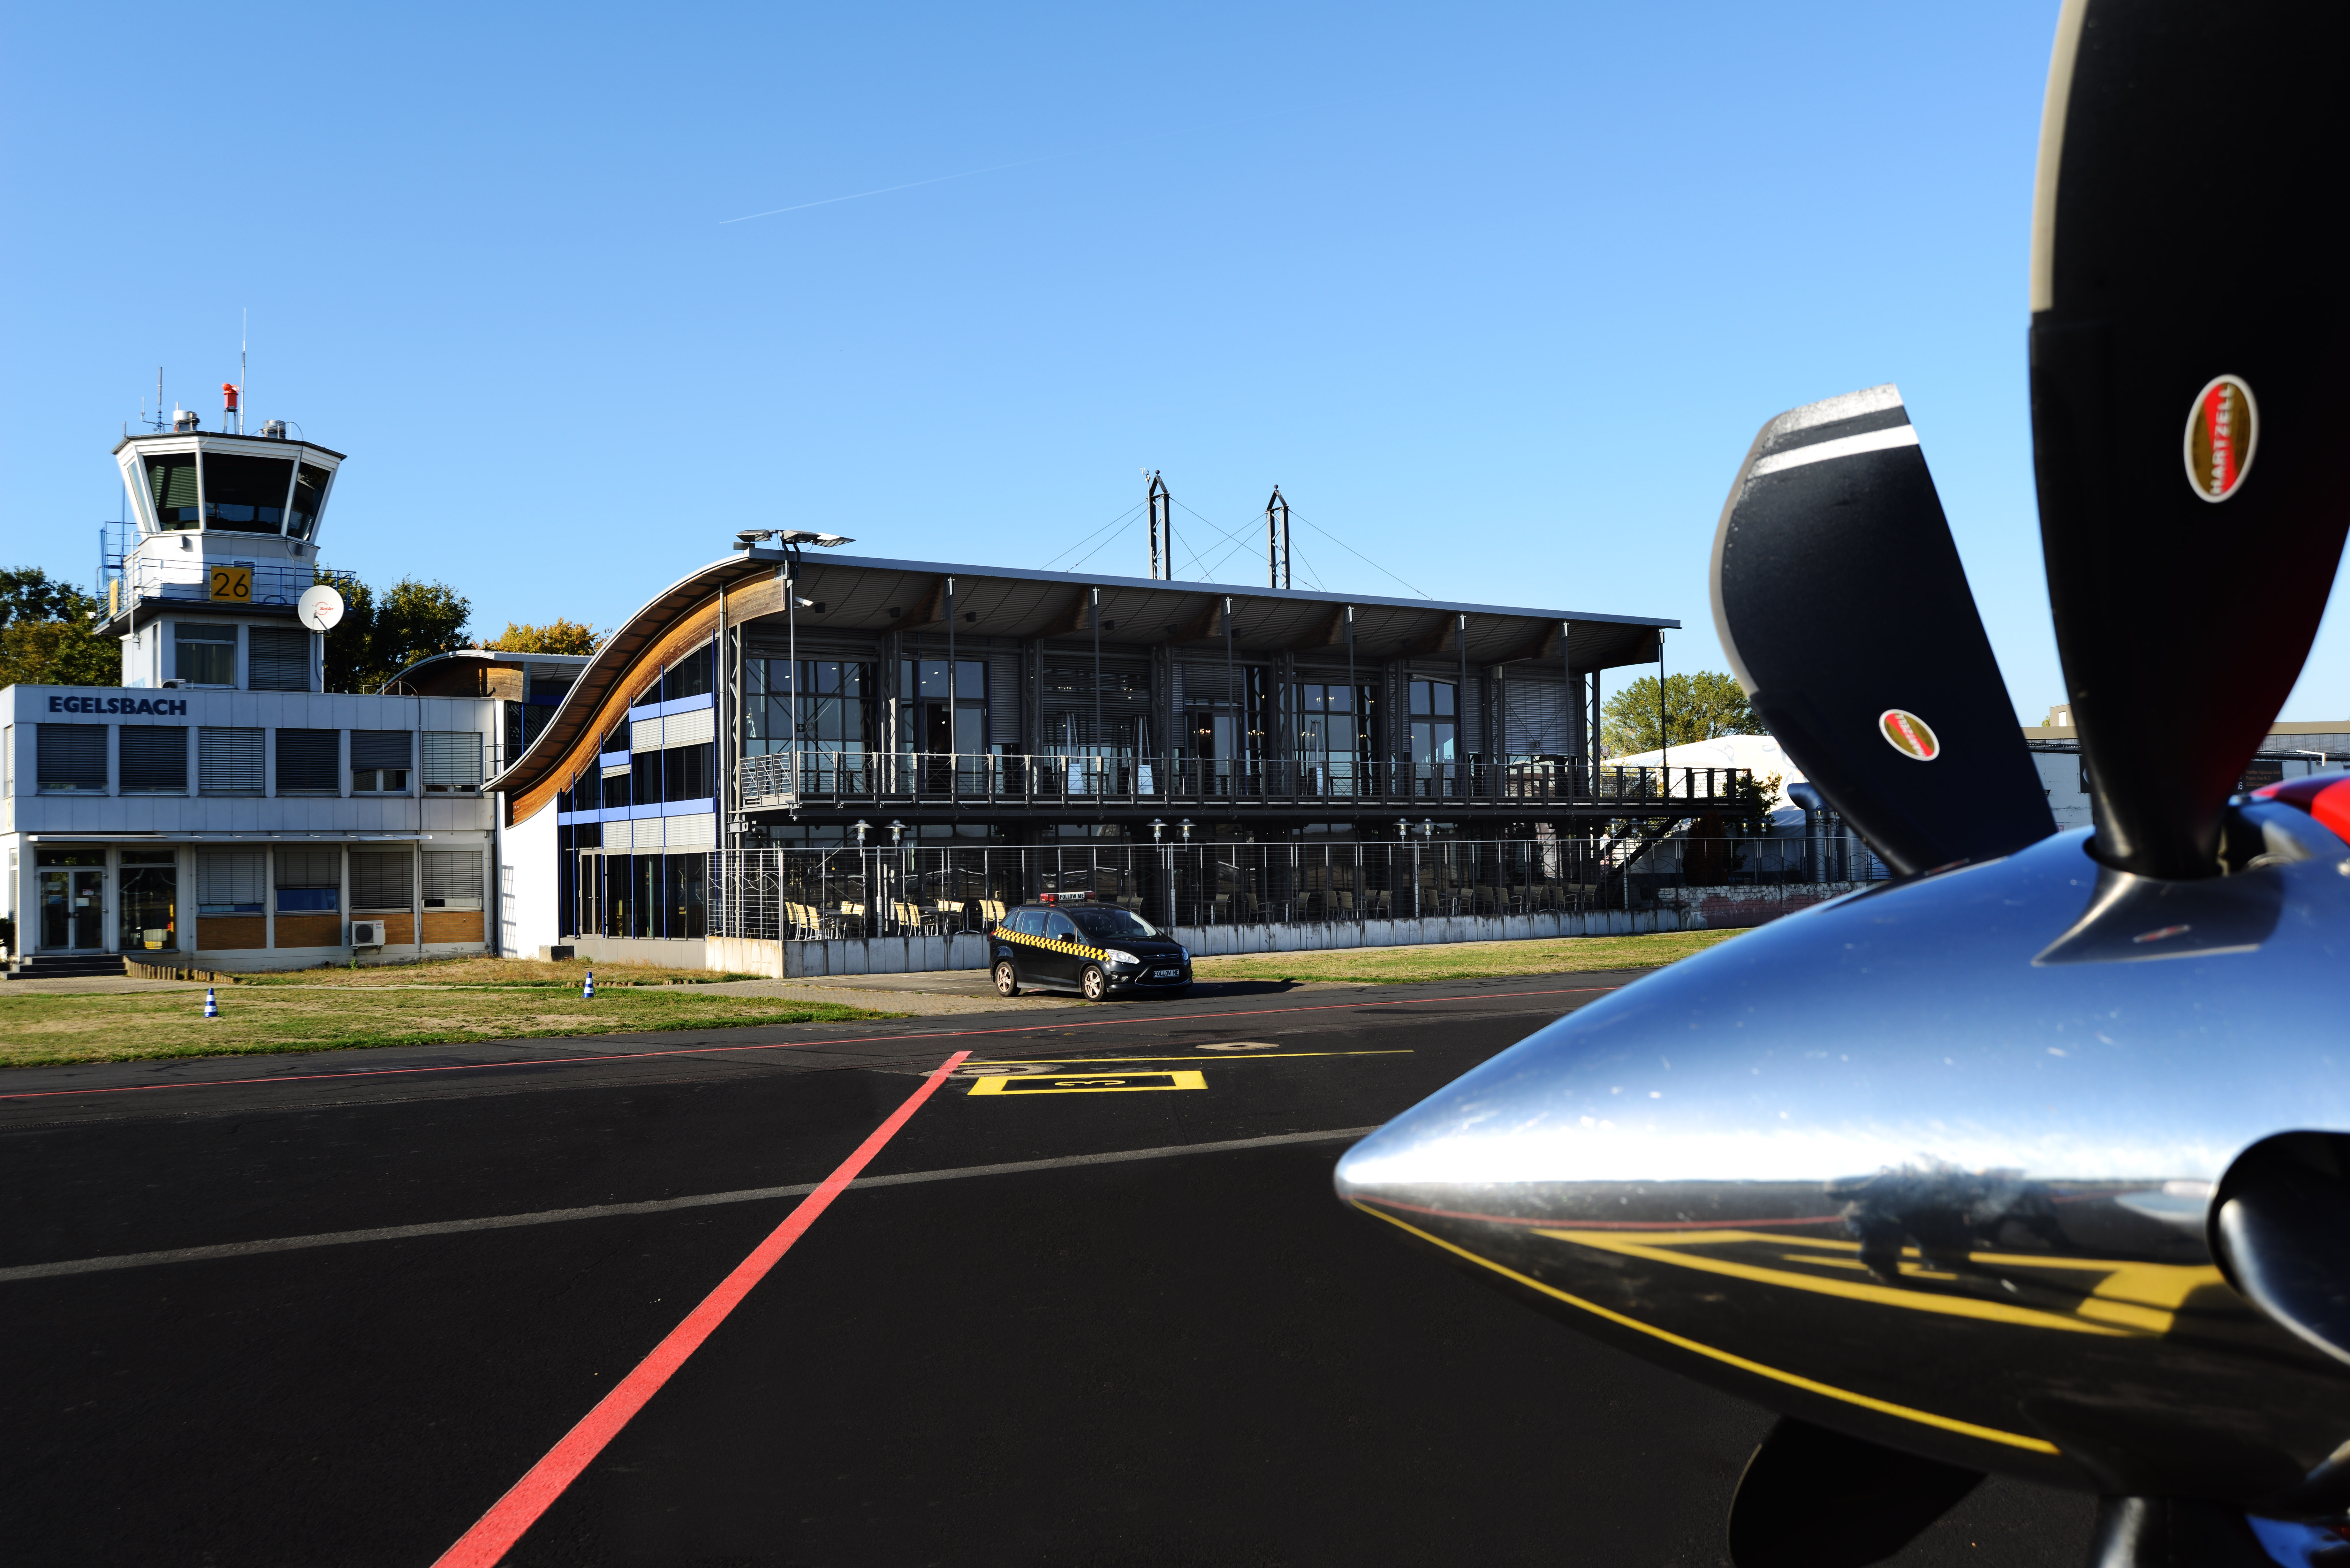 Rodizio Flughafen Egelsbach-Rodizio Flughafen Egelsbach